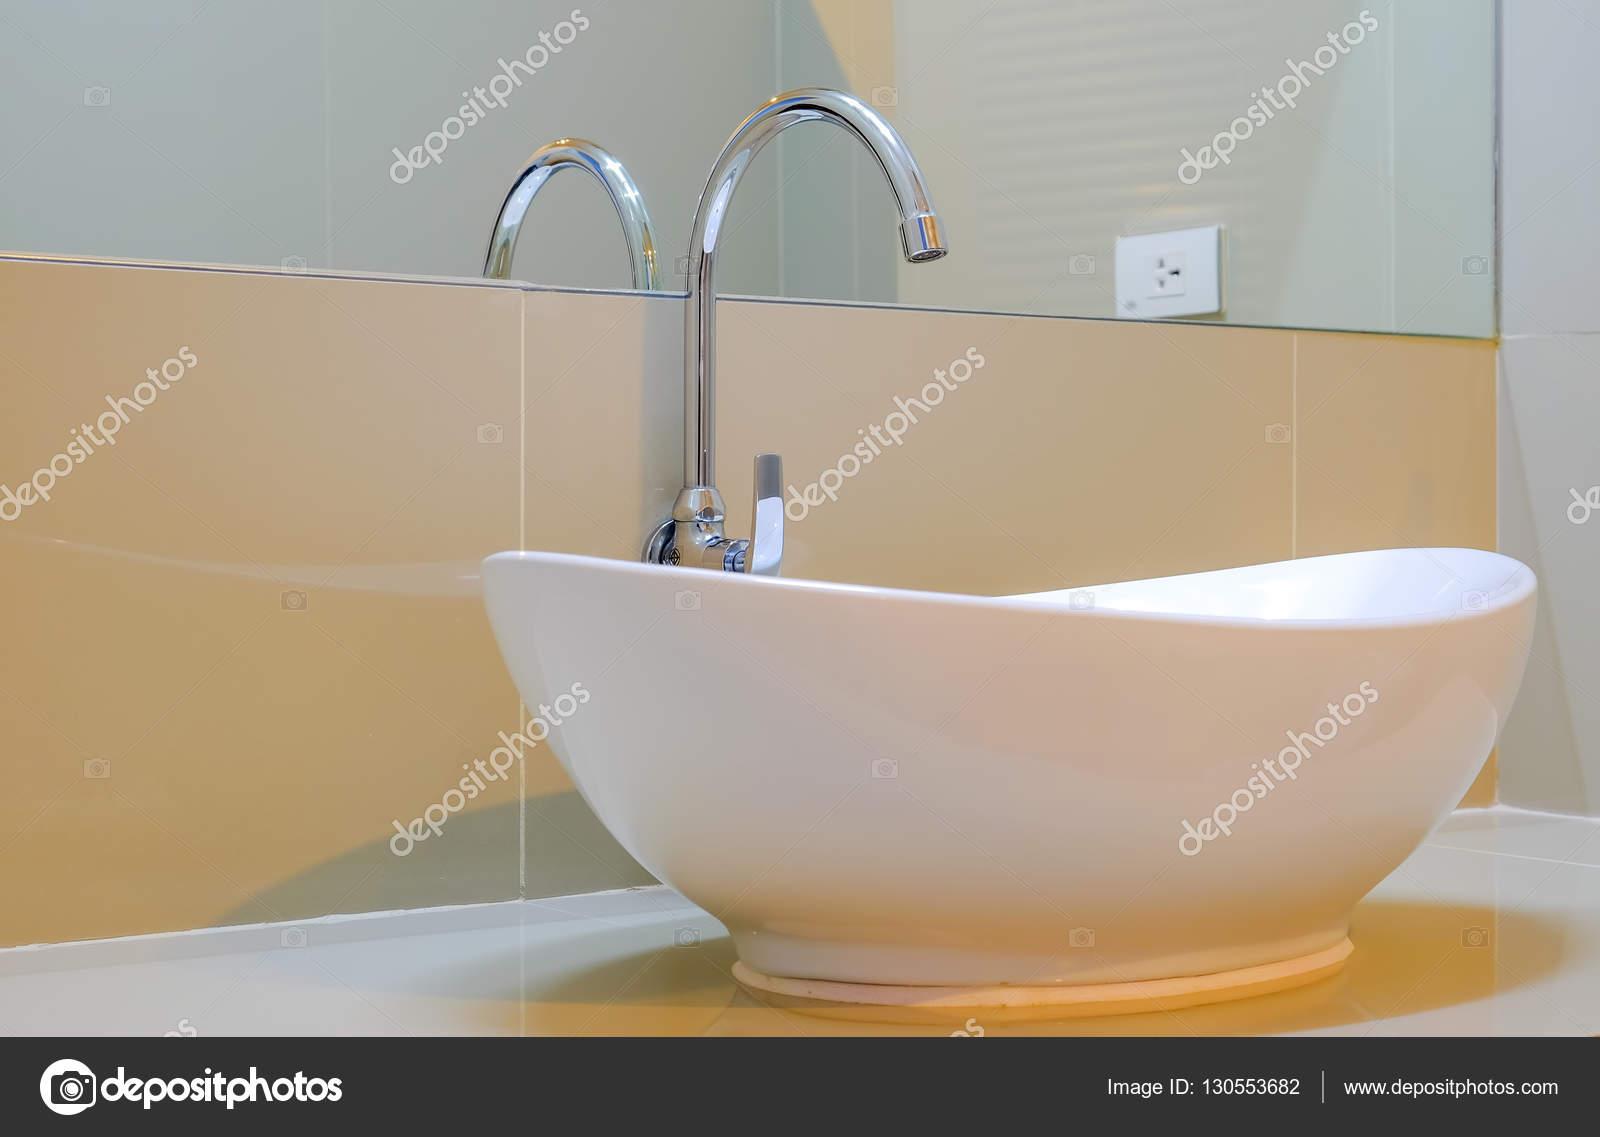 Grote Wastafel Badkamer : Grote witte wastafel met glas in de badkamer u stockfoto